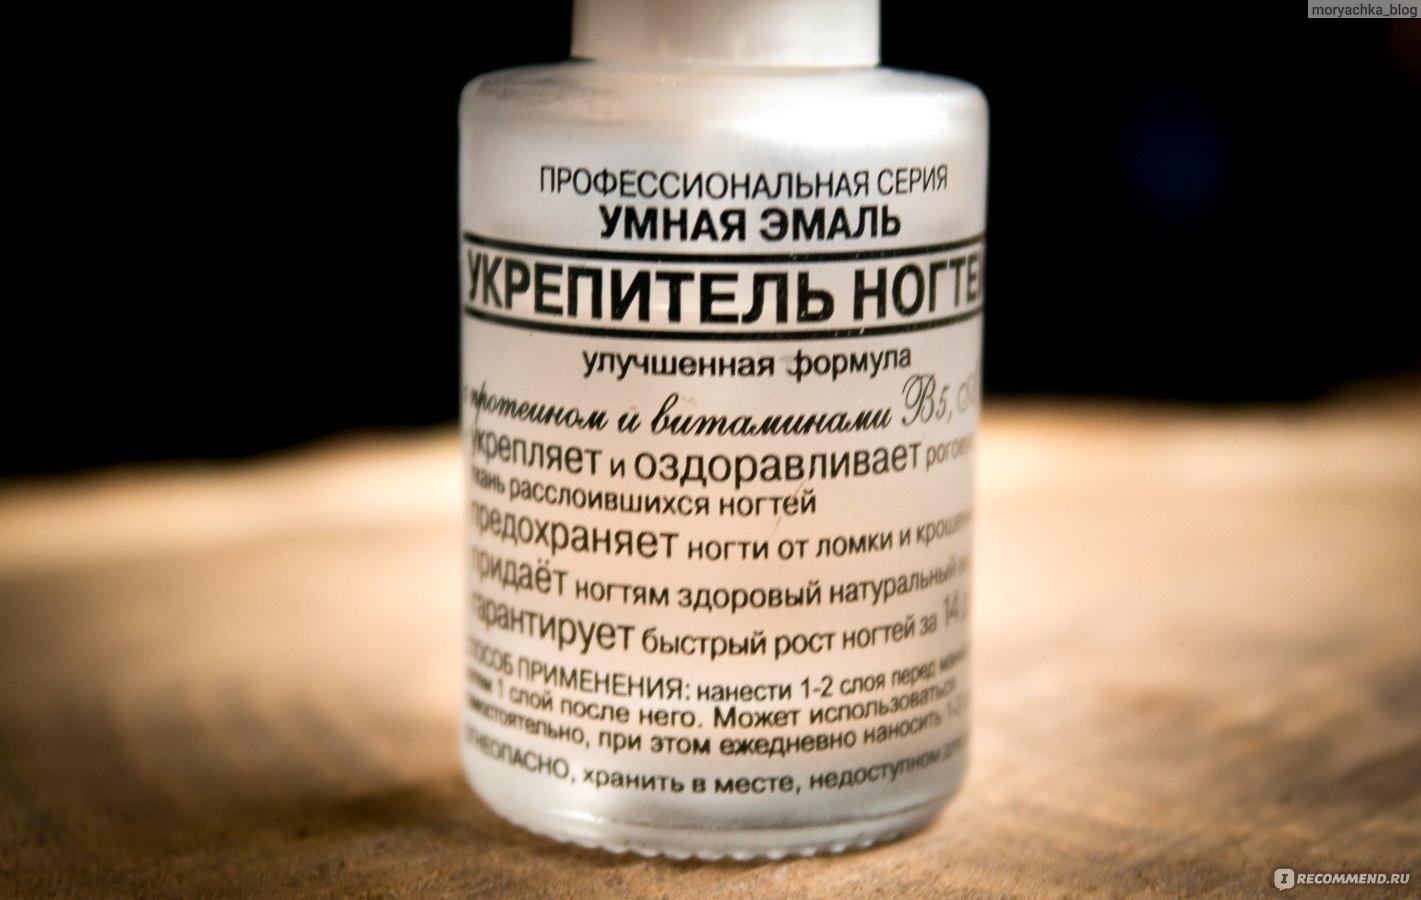 Укрепитель ногтей умная эмаль фото